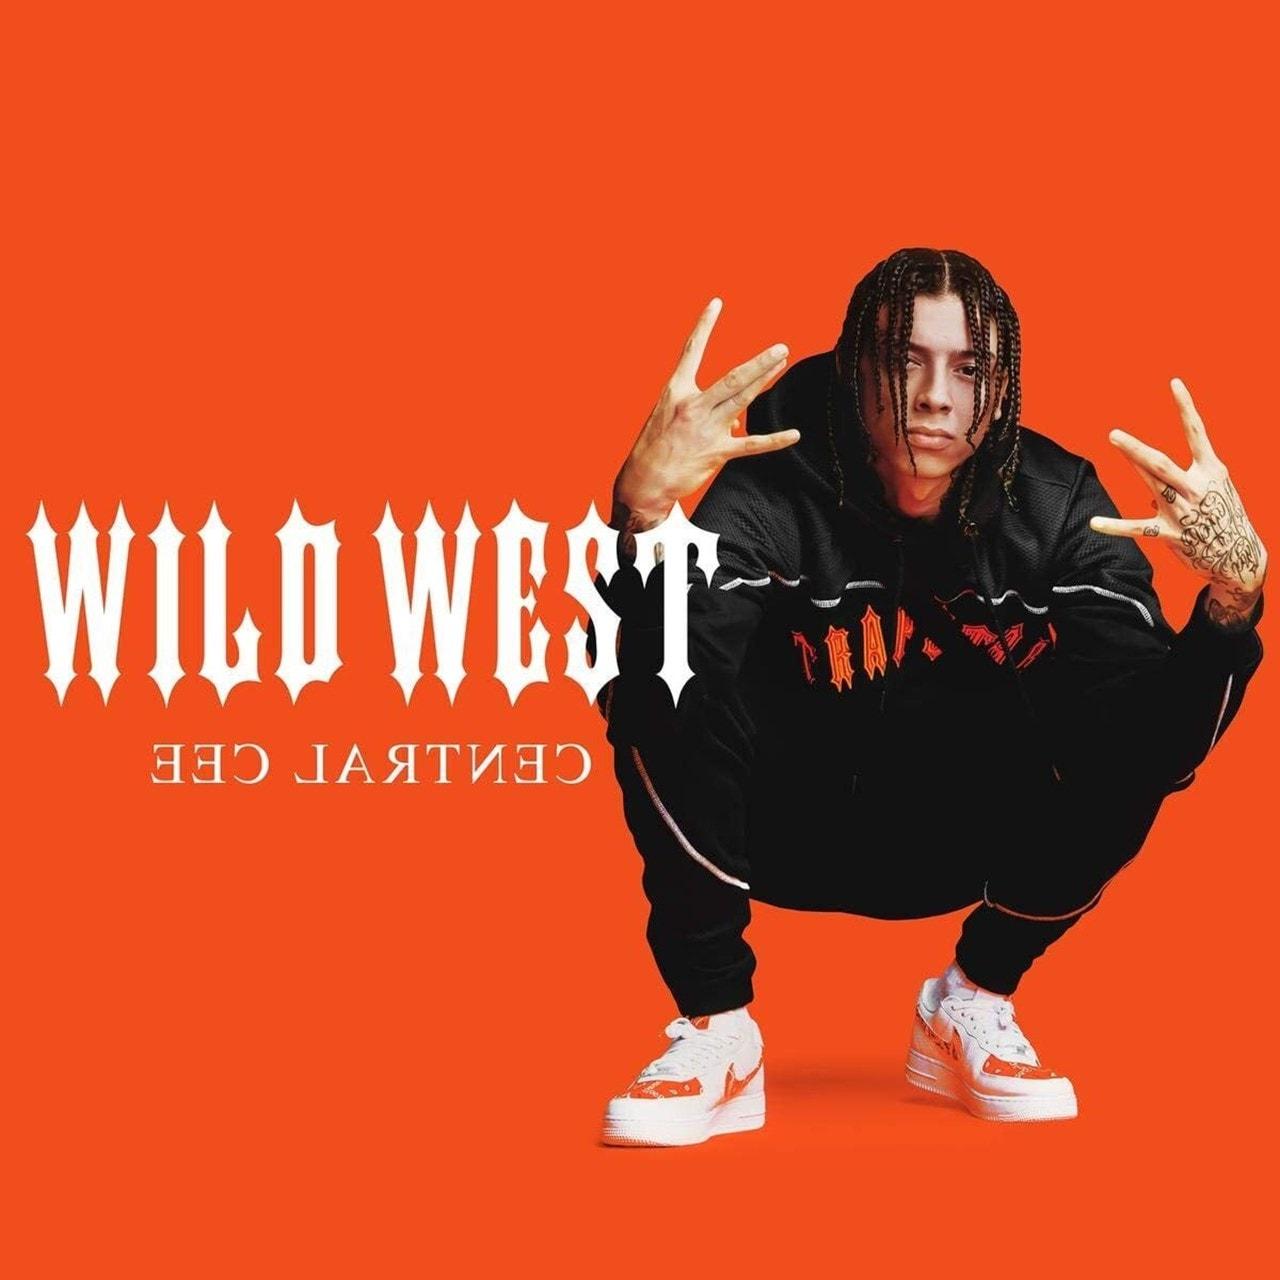 Wild West - 1